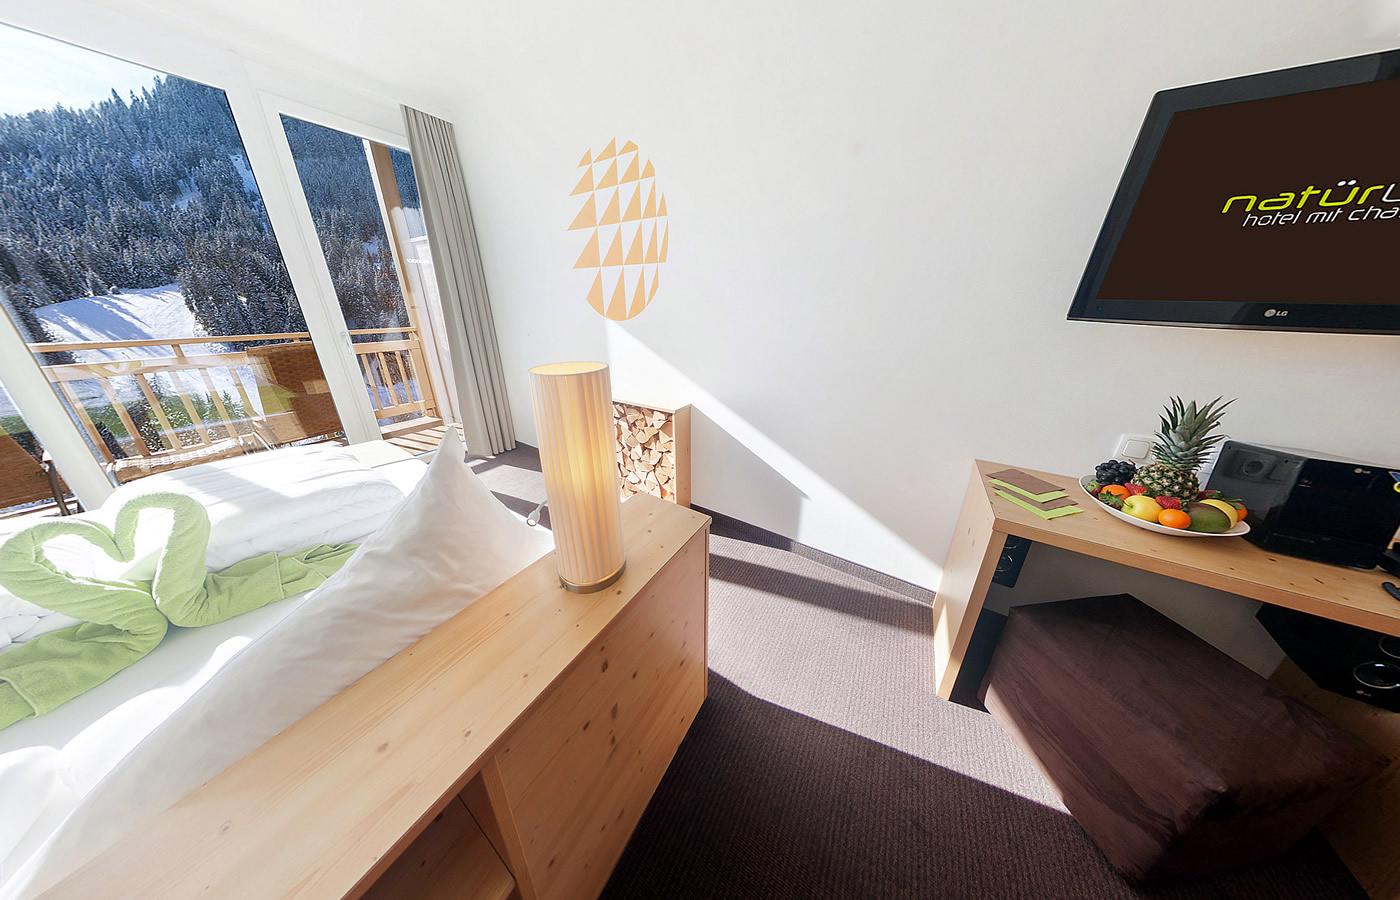 Panoramafenster und Innenansicht des Hotels. Natürlich in Tirol.